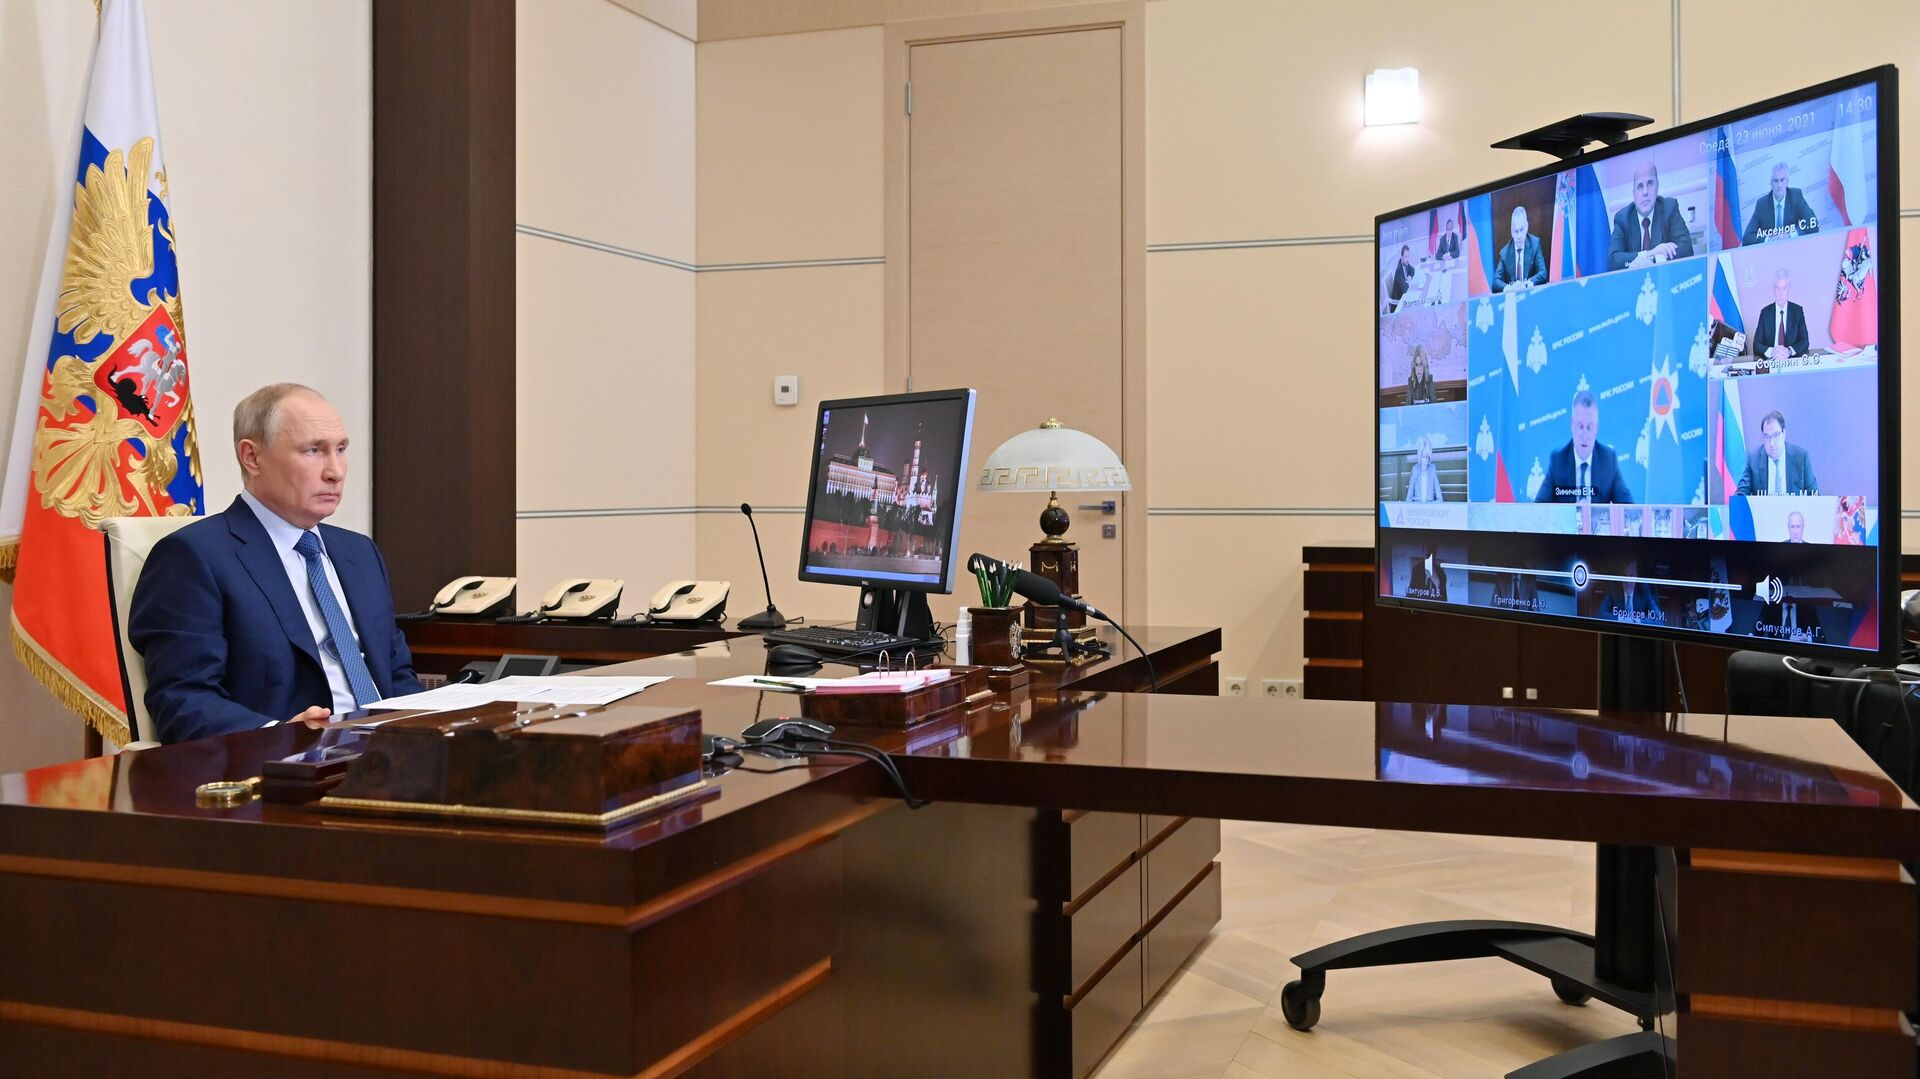 Президент РФ Владимир Путин проводит совещание с членами правительства - РИА Новости, 1920, 23.06.2021